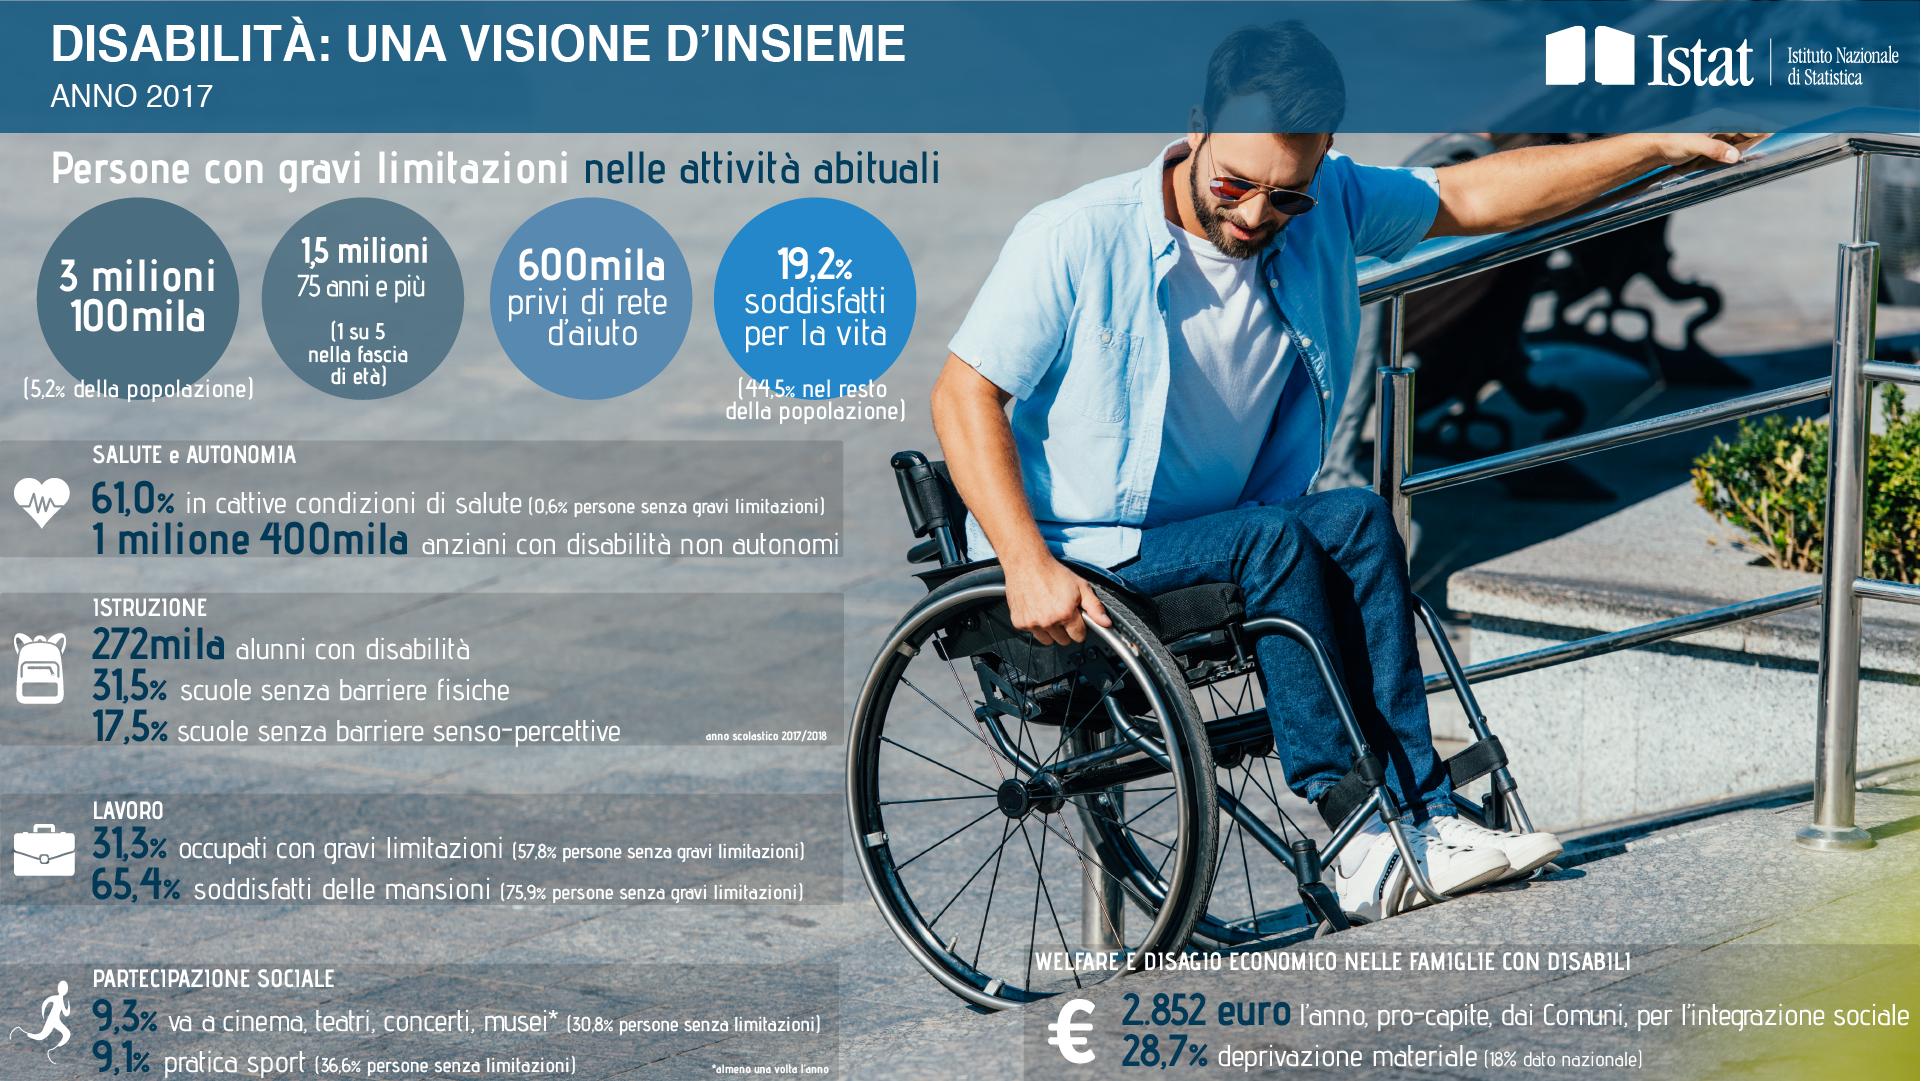 Disabilità: le informazioni dell'Istat